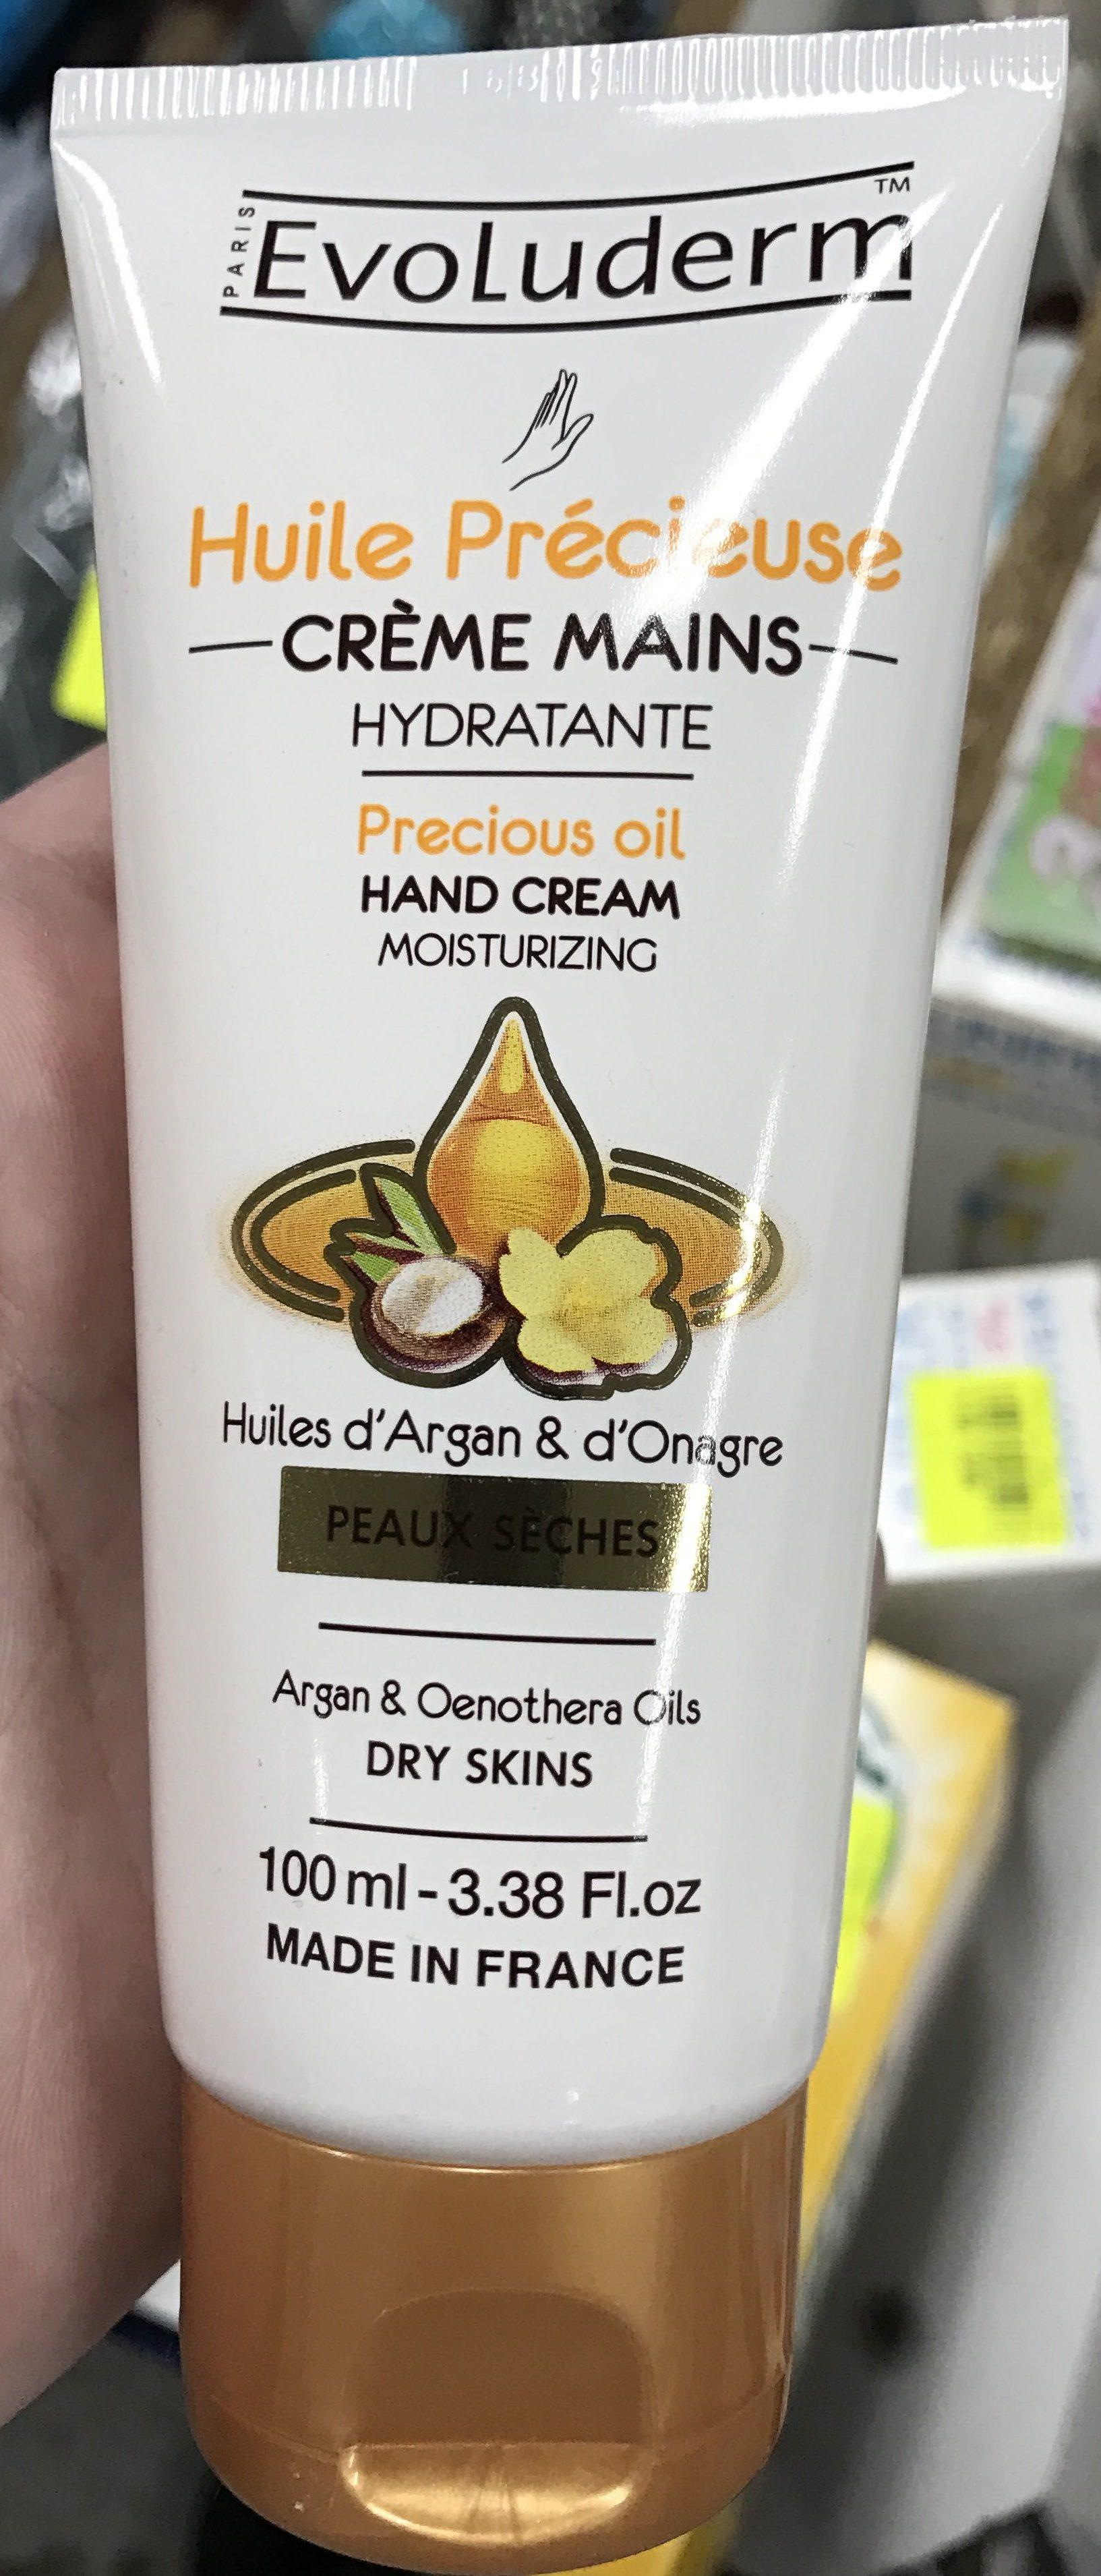 Huile Précieuse Crème Mains Hydratante Huile d'Argan & d'Onagre - Product - fr